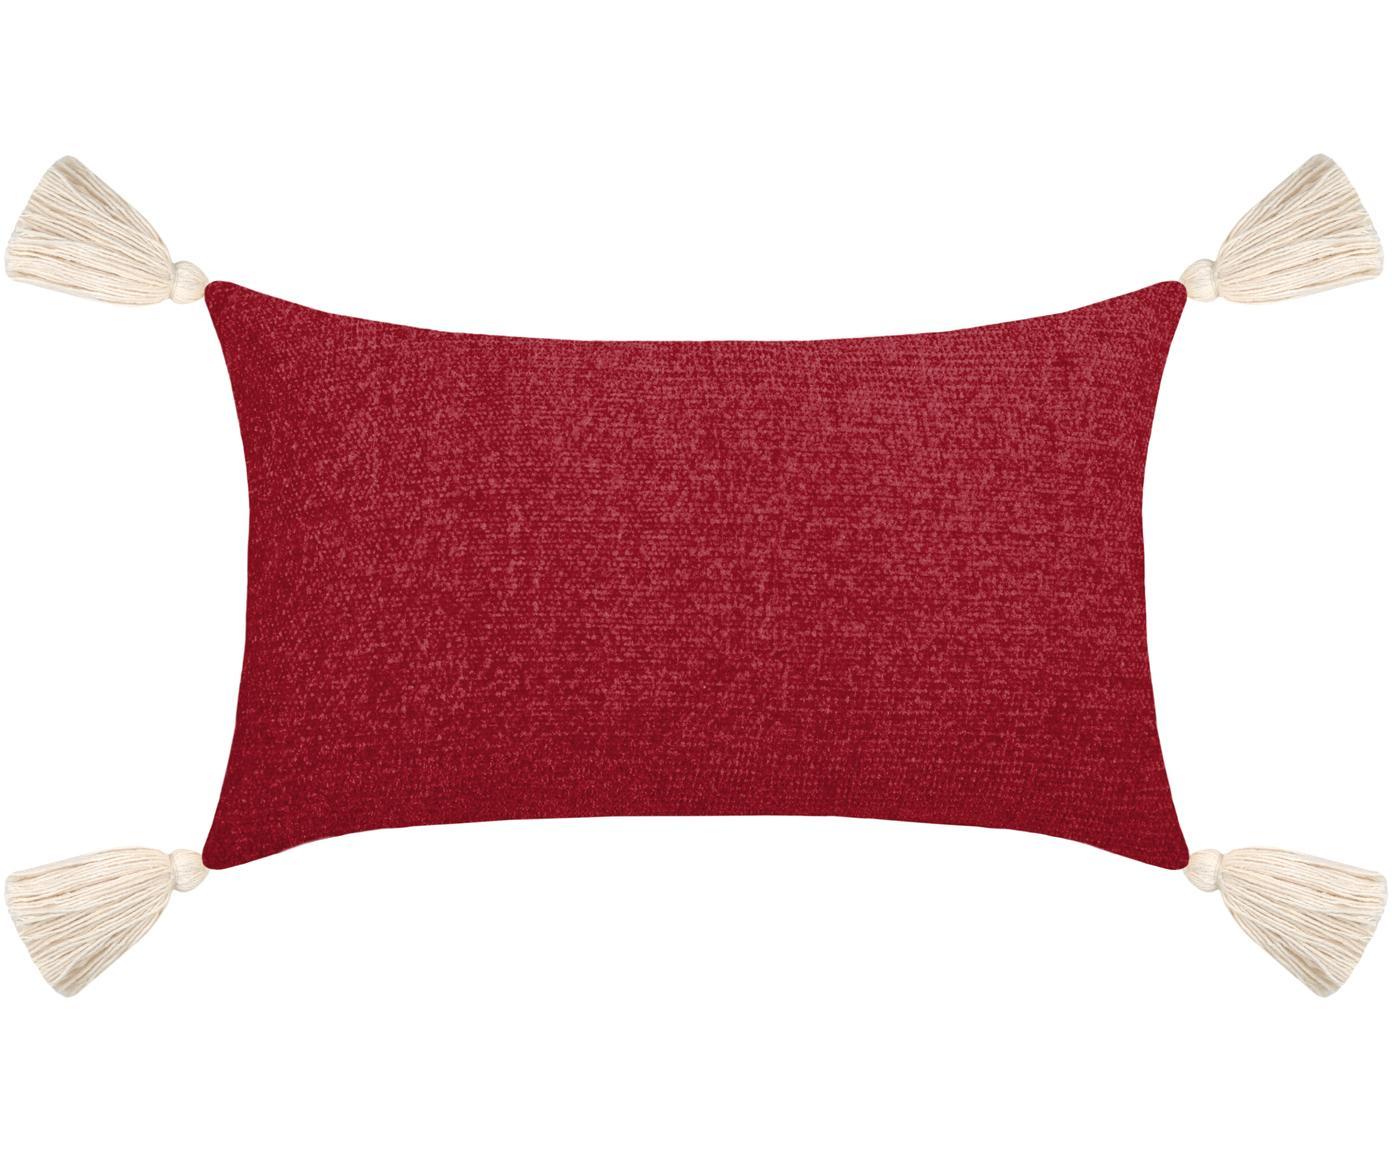 Weiches Chenille-Kissen Chila mit Quasten, mit Inlett, Polyester, Rot, 30 x 50 cm